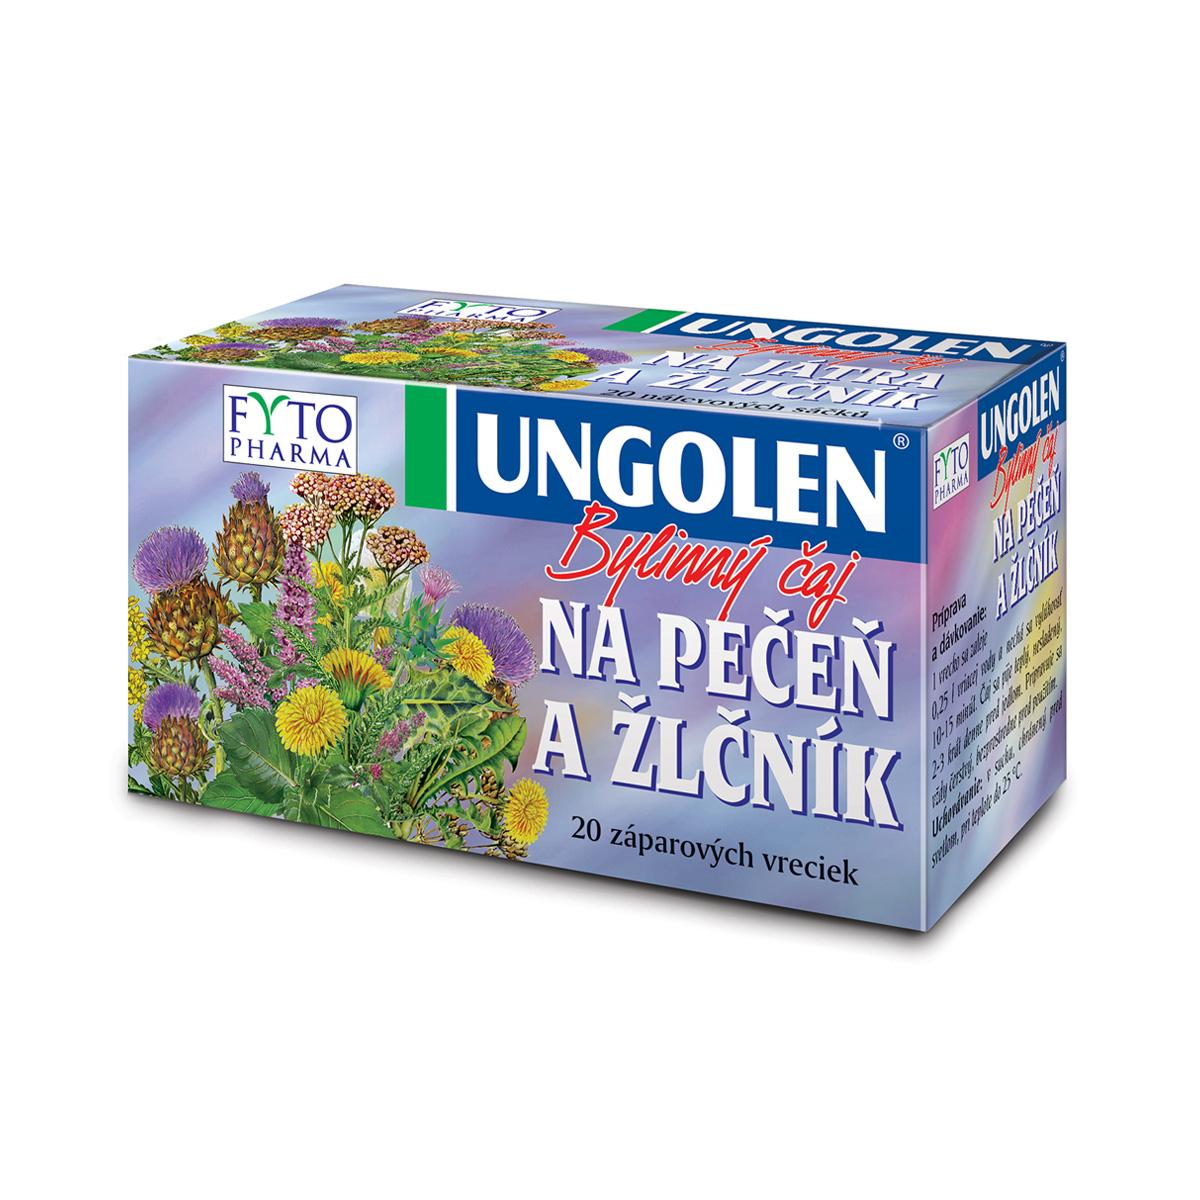 Fytopharma UNGOLEN® bylinný čaj na játra a žlučník 20 x 1,5 g